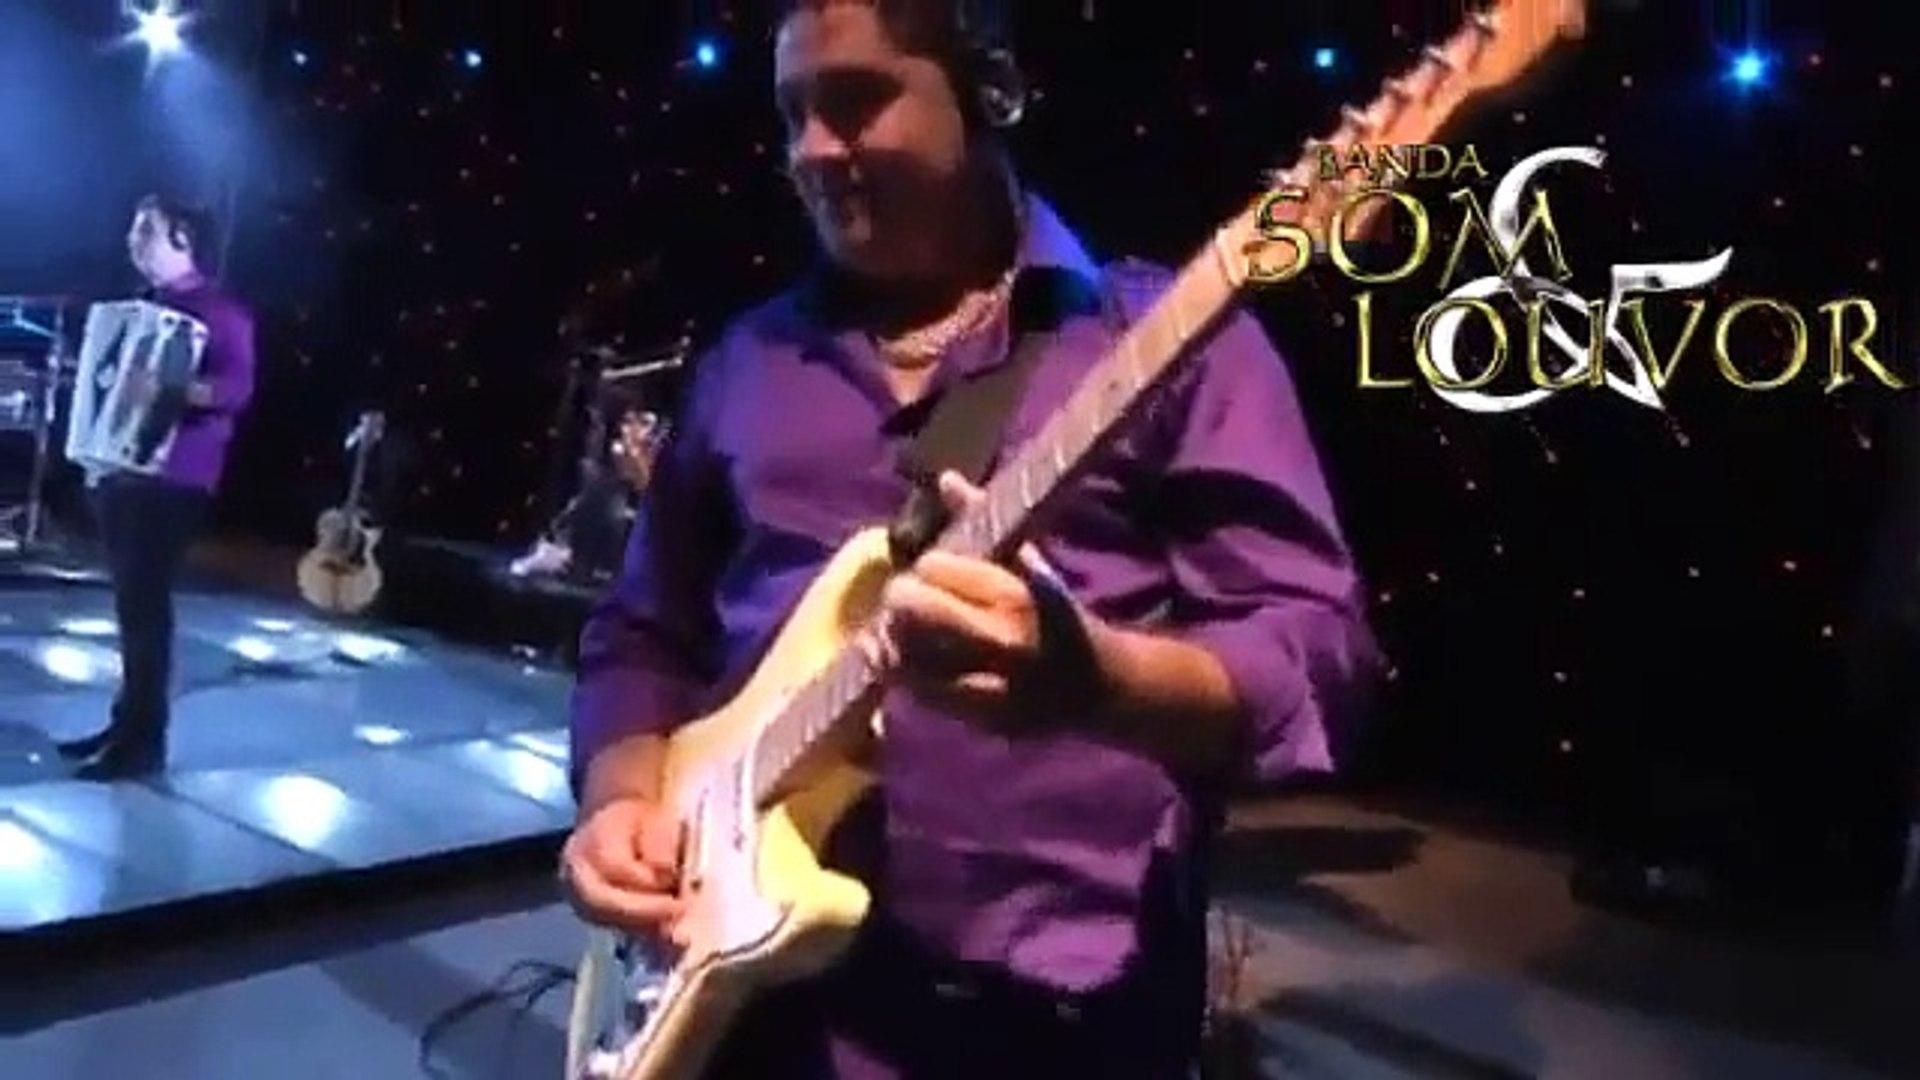 Banda Som & Louvor - Prévia do DVD Ao Vivo - Forró Gospel (Já a venda em www.dngospel.com)